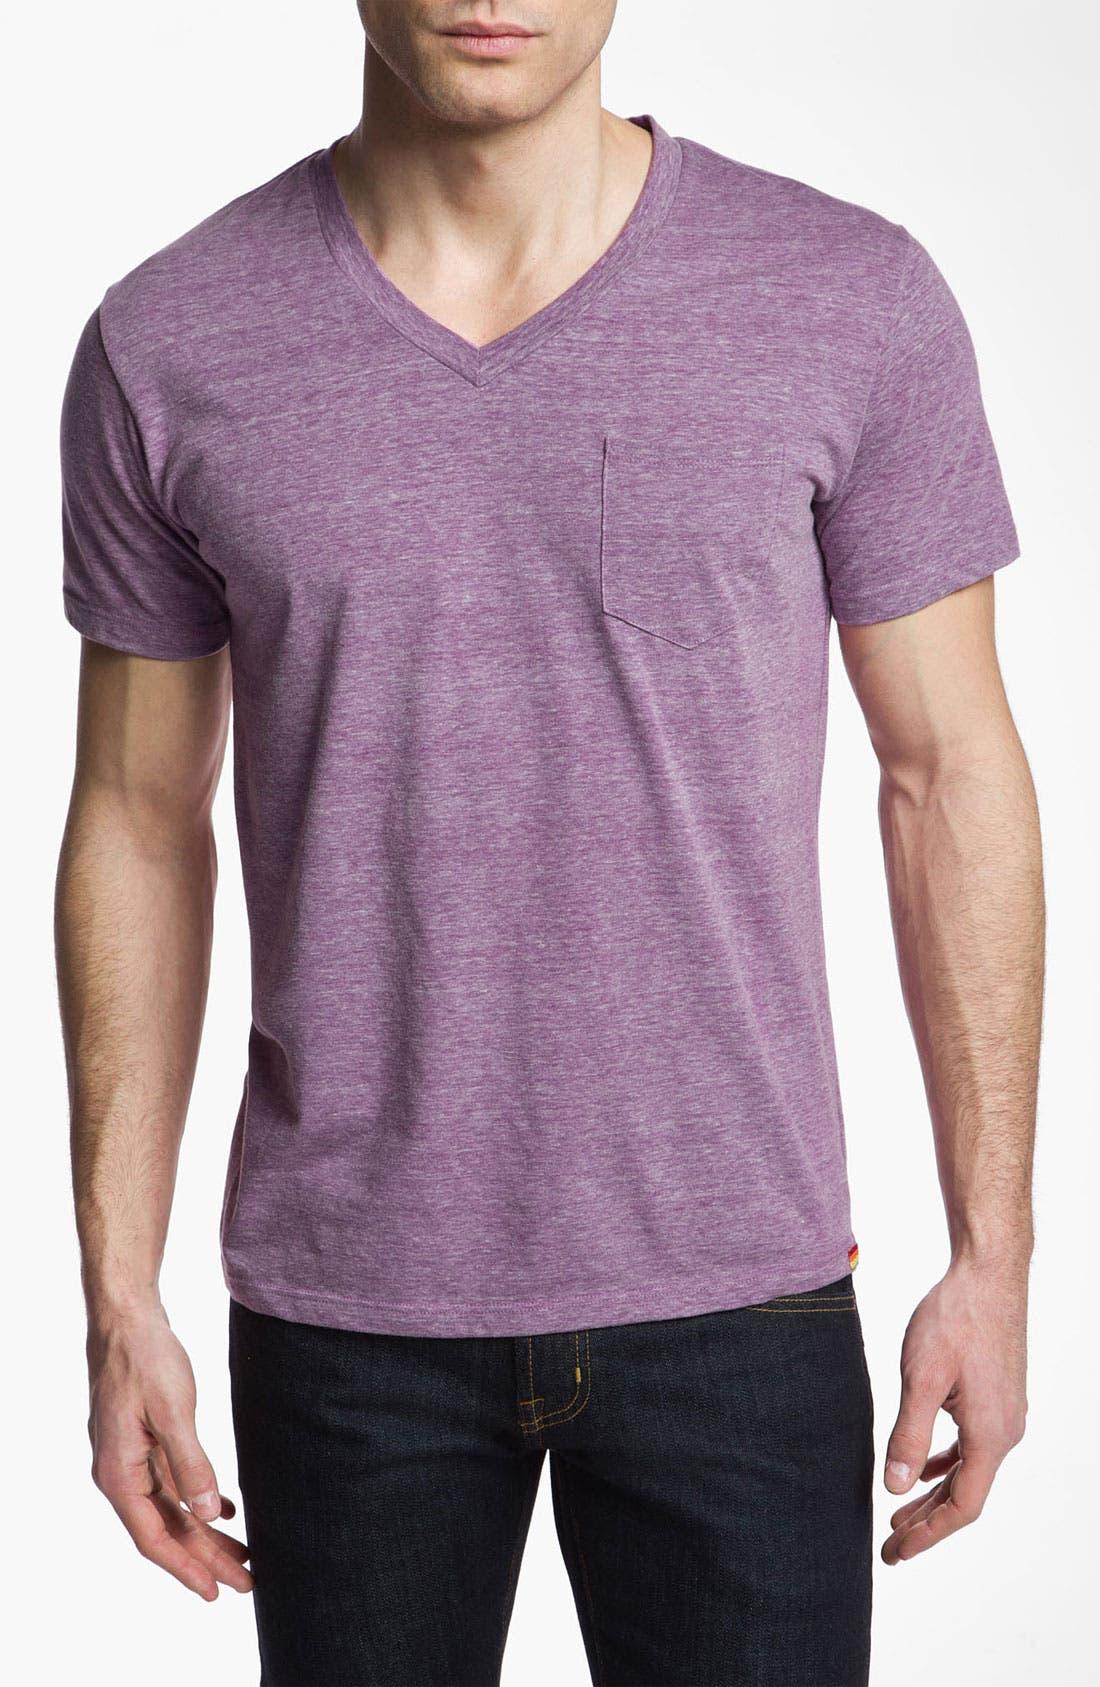 Alternate Image 1 Selected - Sundek 'Pantone®' V-Neck T-Shirt (Online Only)